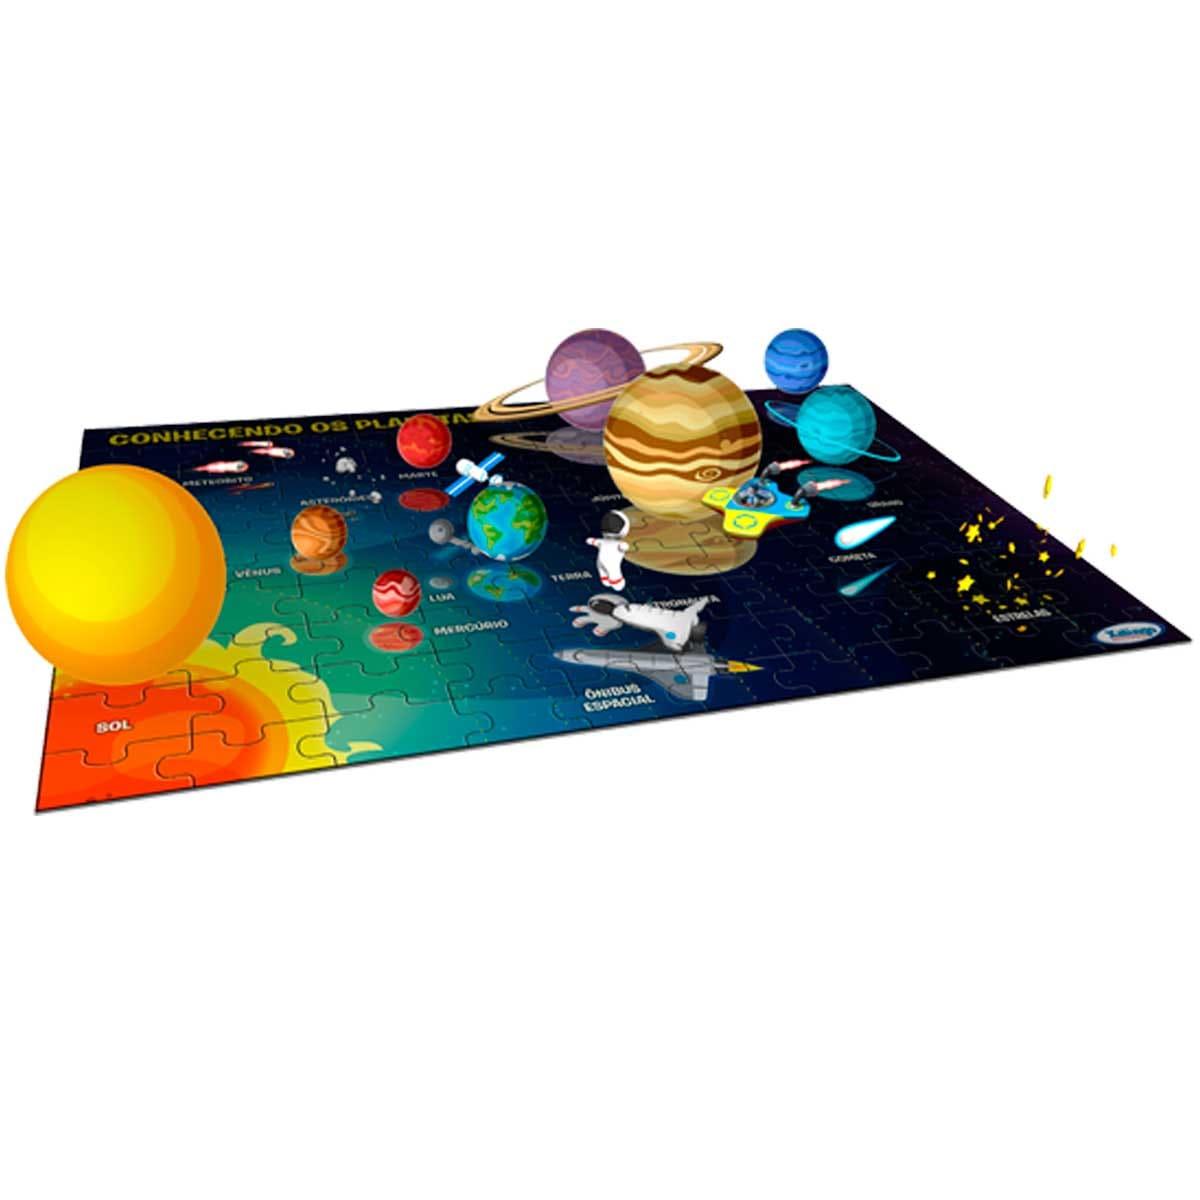 Quebra-cabeça Interativo - Conhecendo Os Planetas